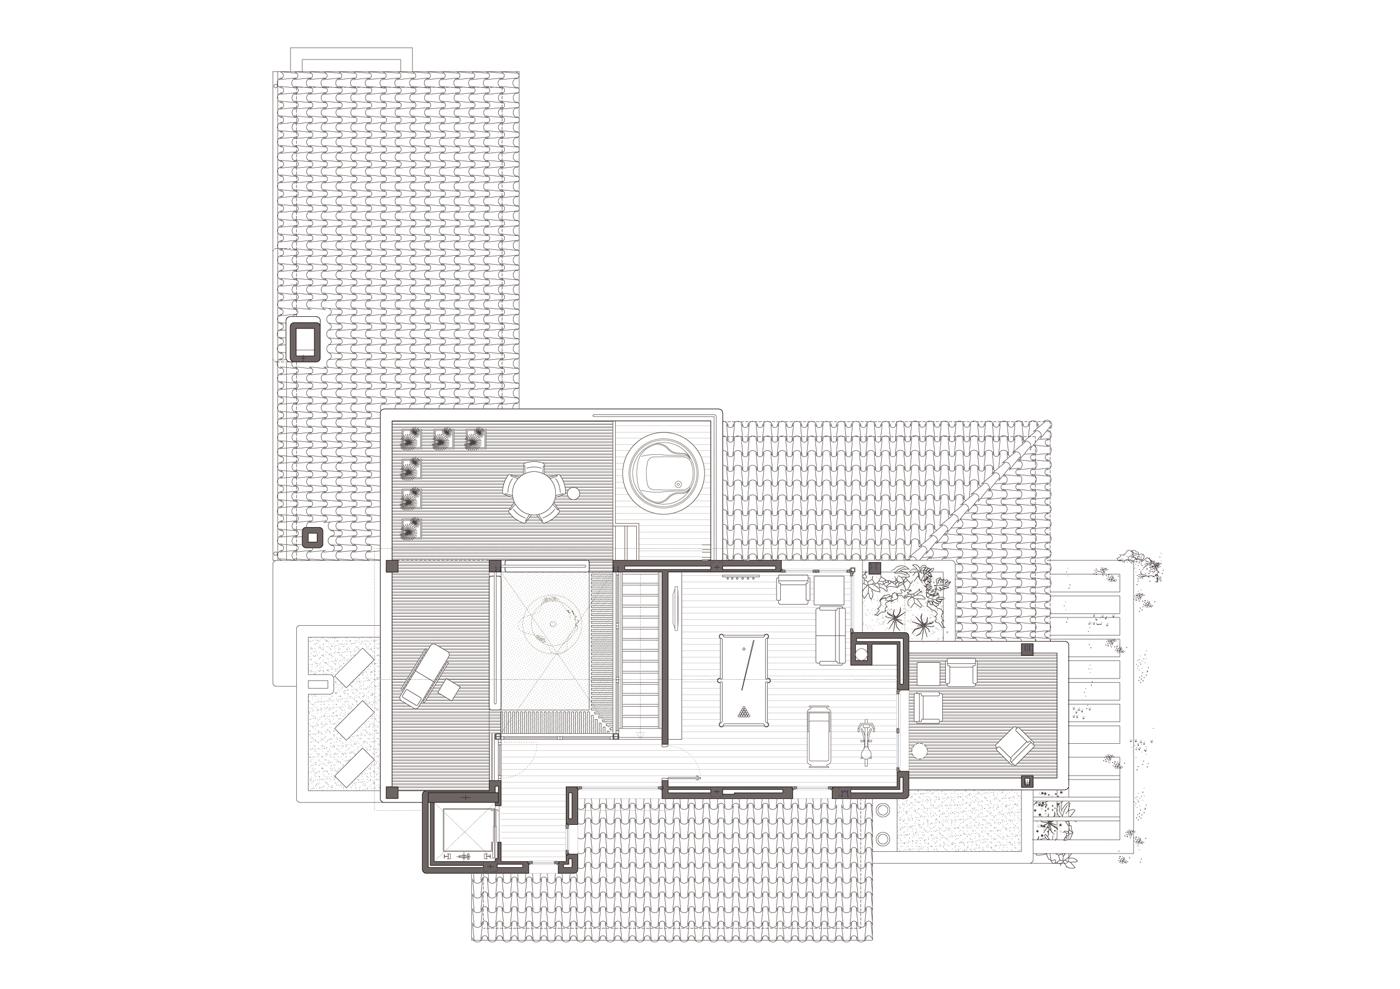 Planta segona. Projecte d'obra nova i disseny 3D: 2012 - Habitatge unifamiliar aïllat a Arenys de Mar